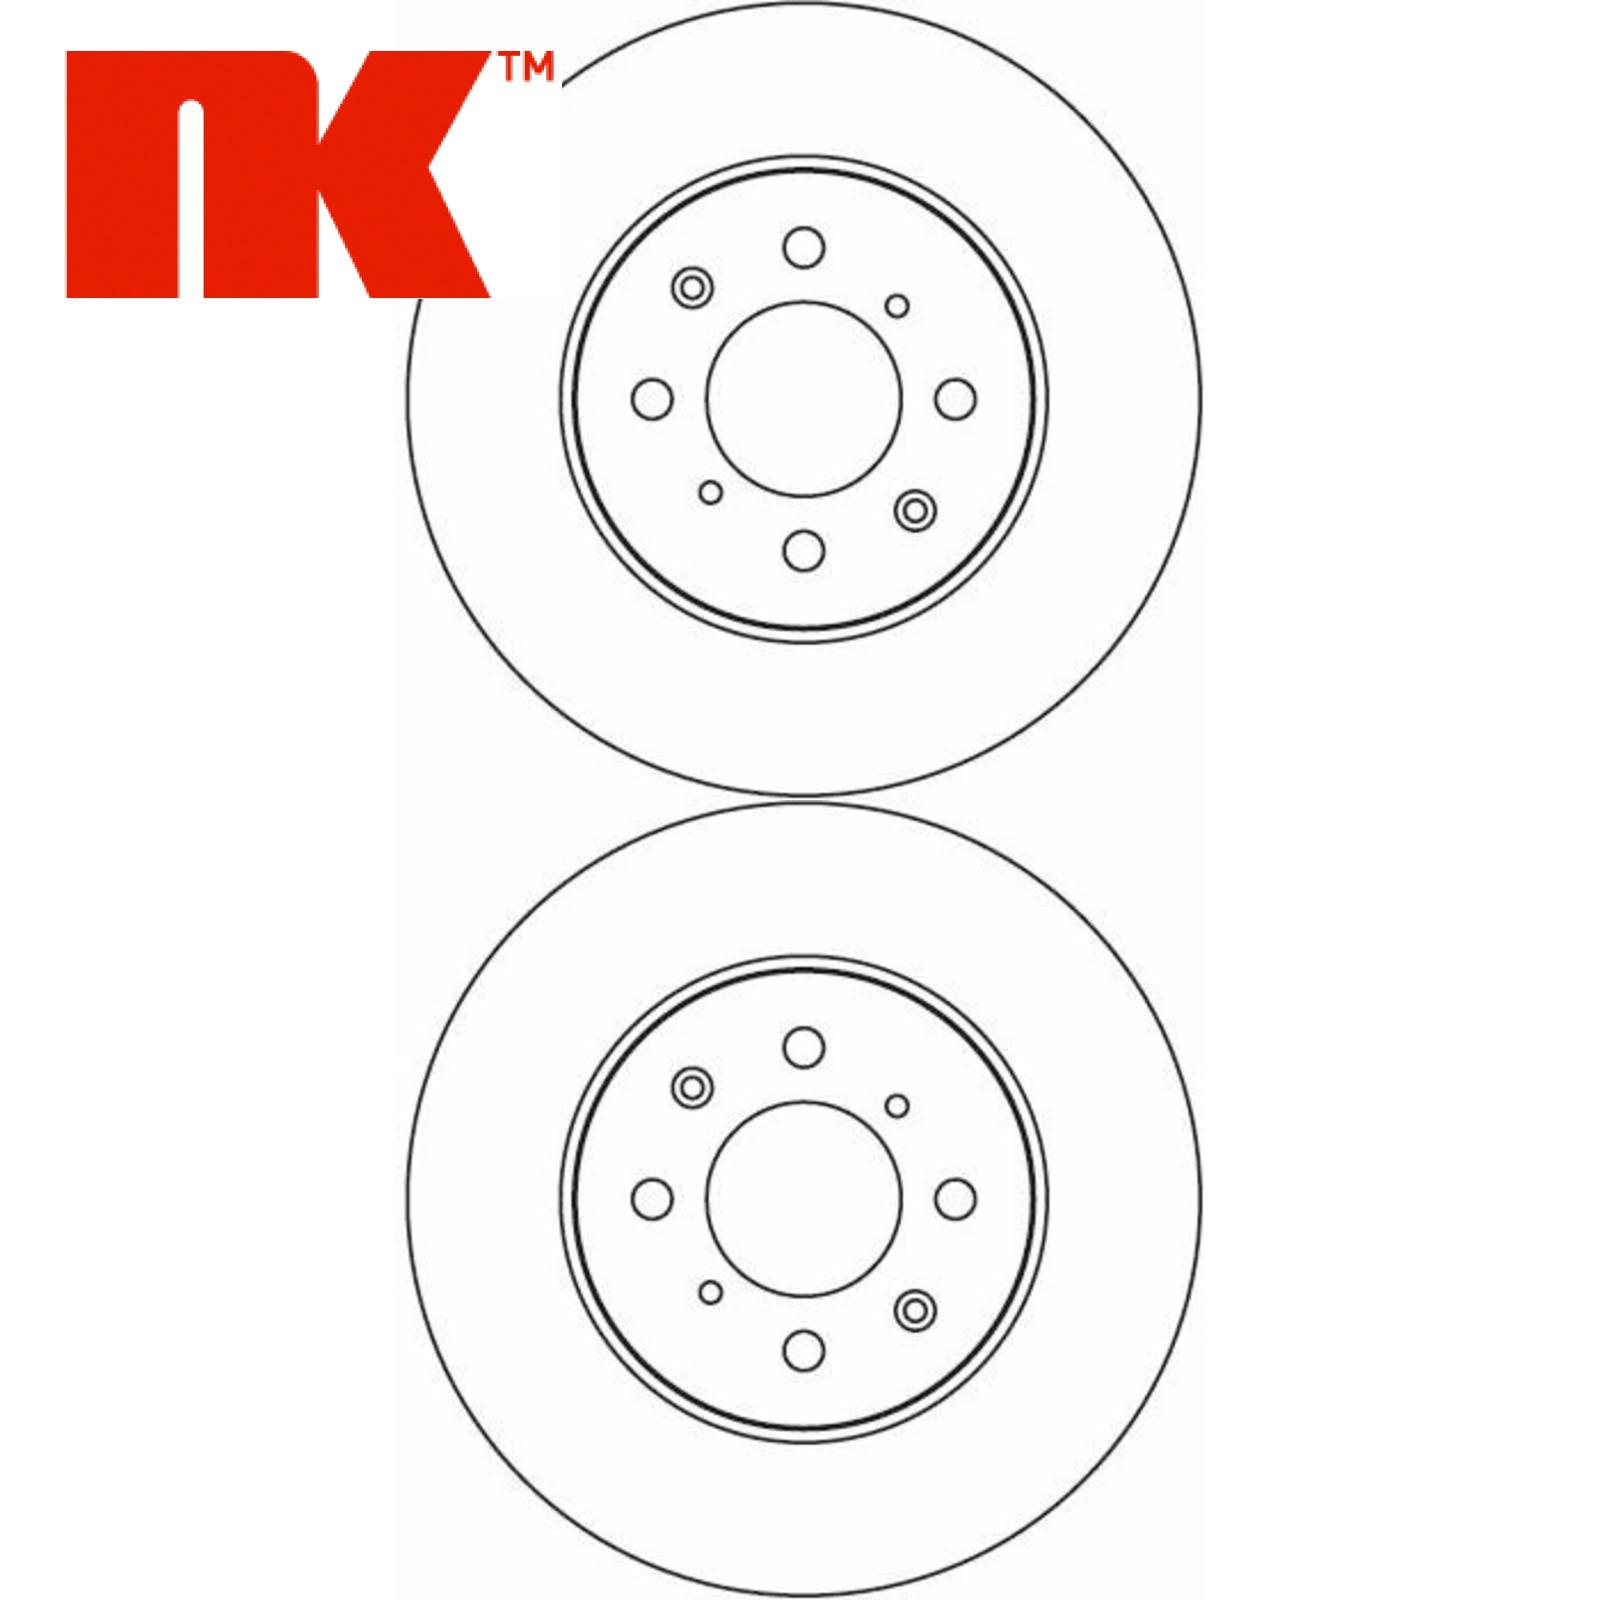 2x NK Bremsscheiben Vorn Vorderachse MG ROVER 204012